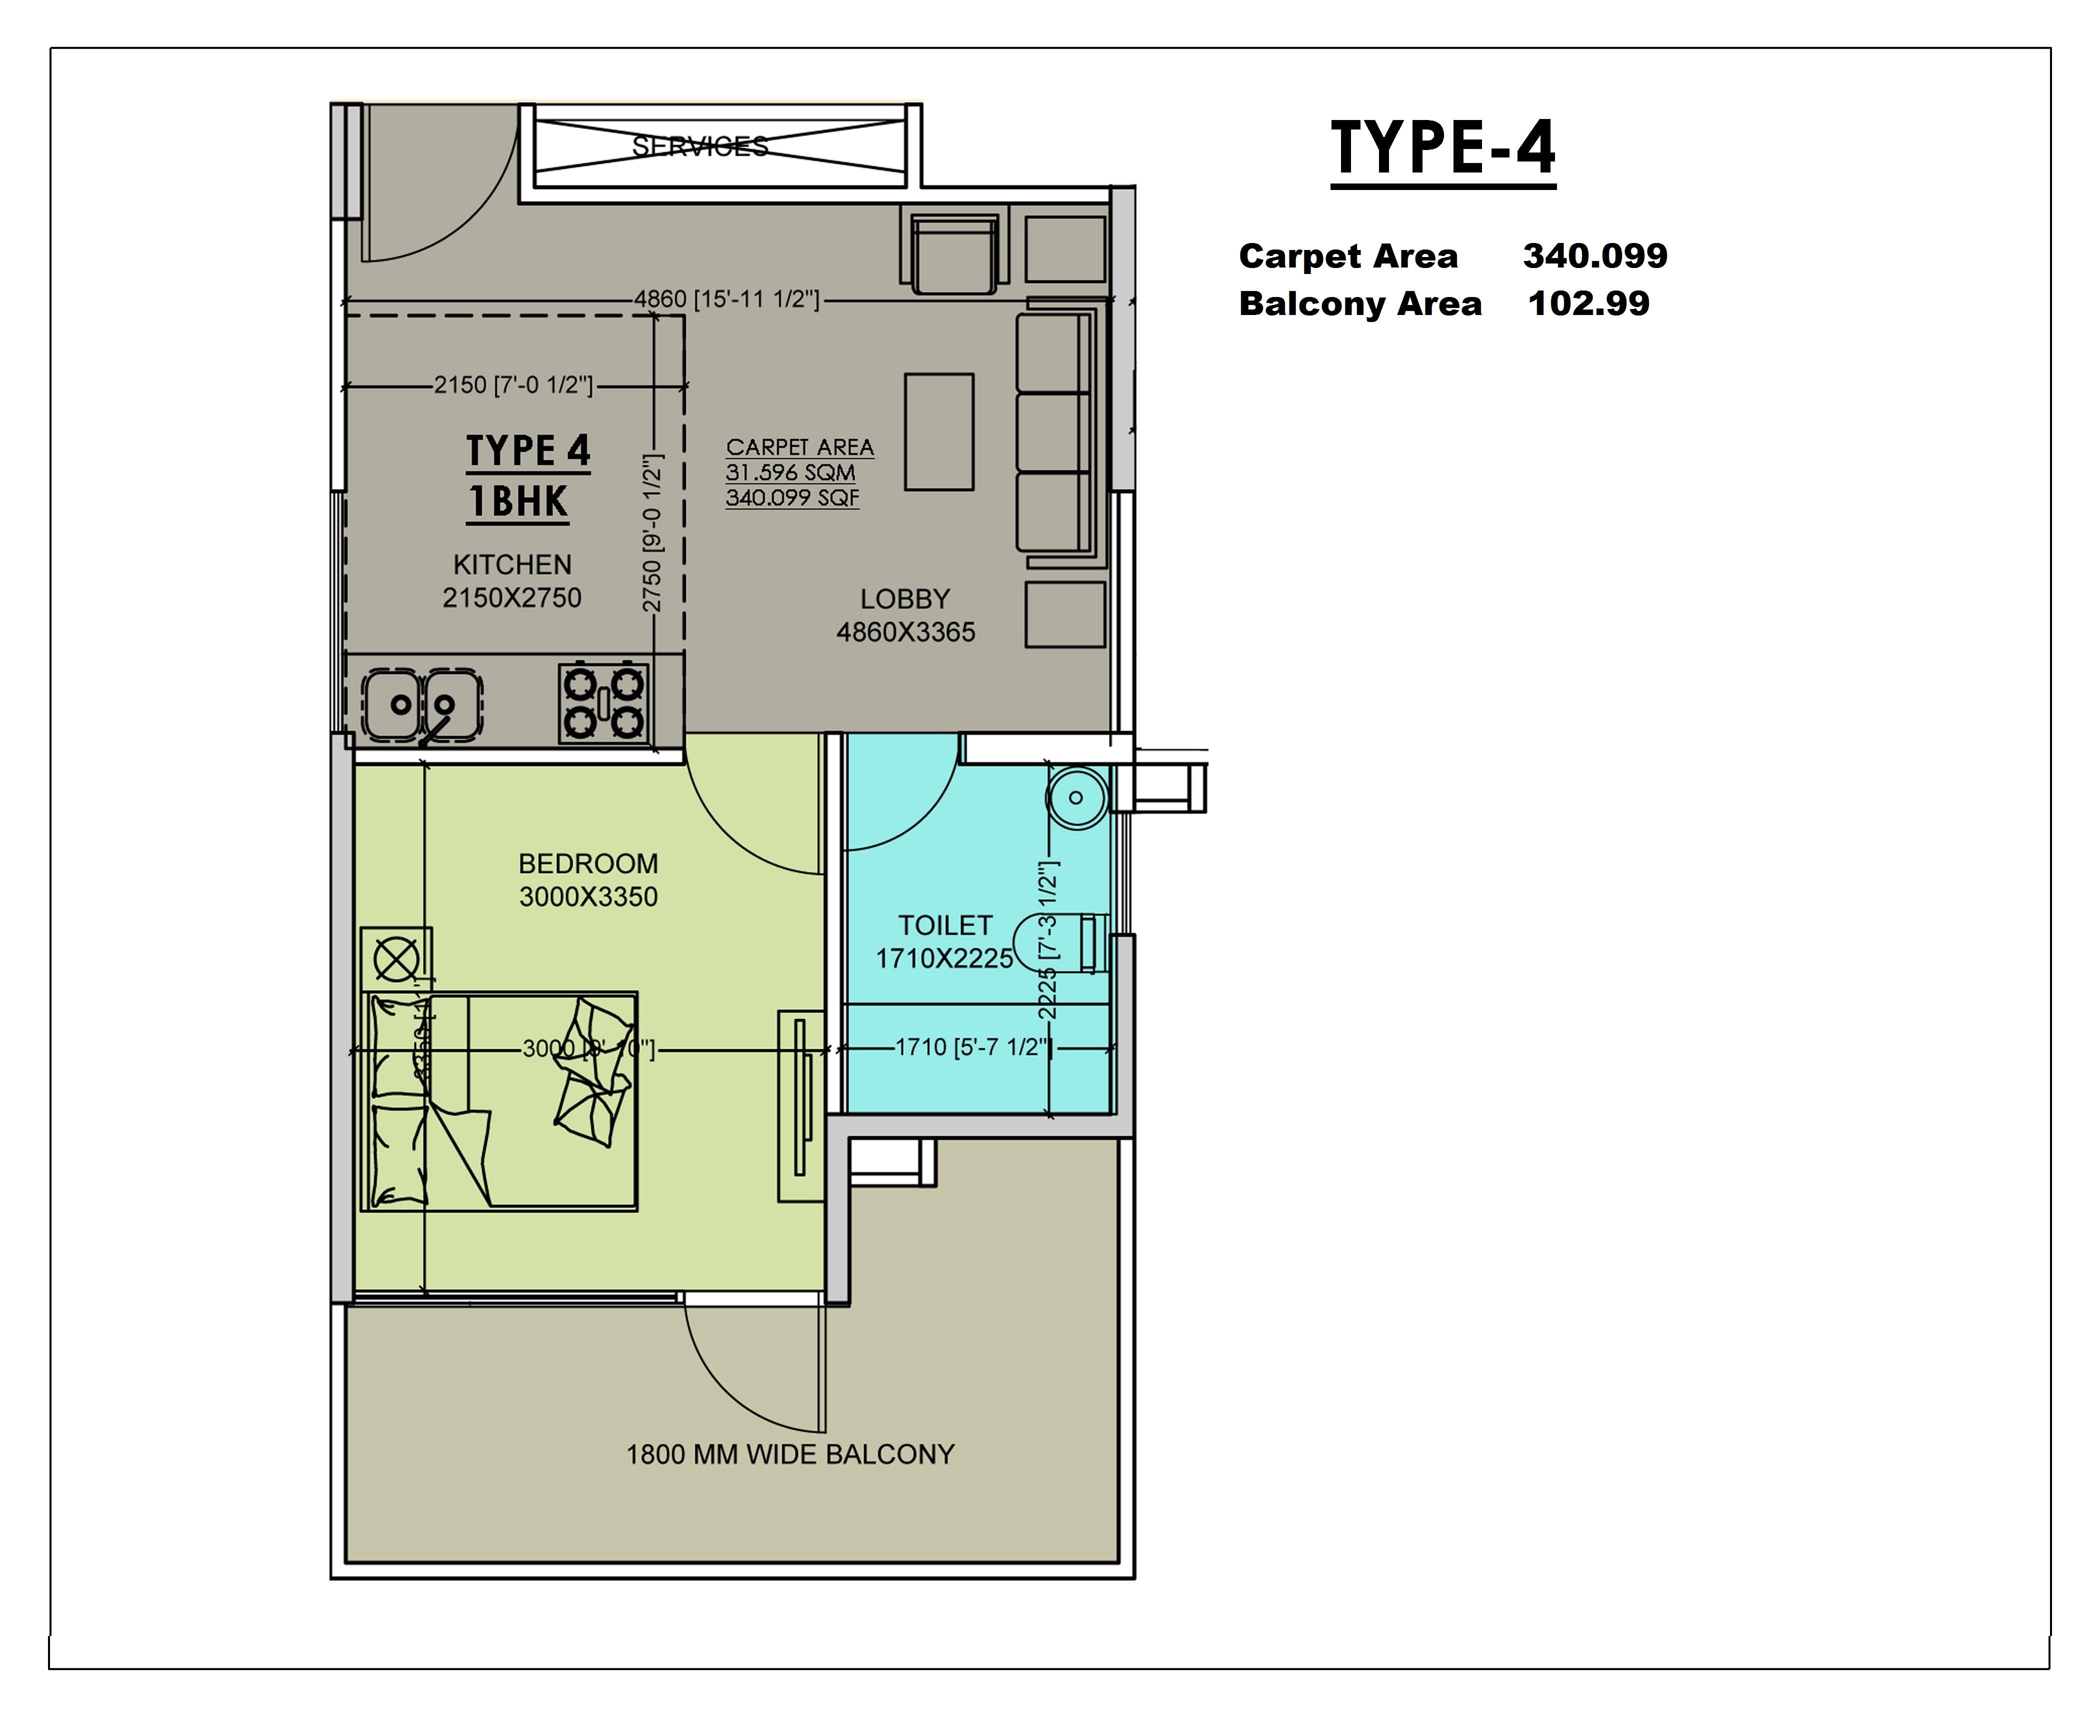 1 BHK Type 4 Layout Plan